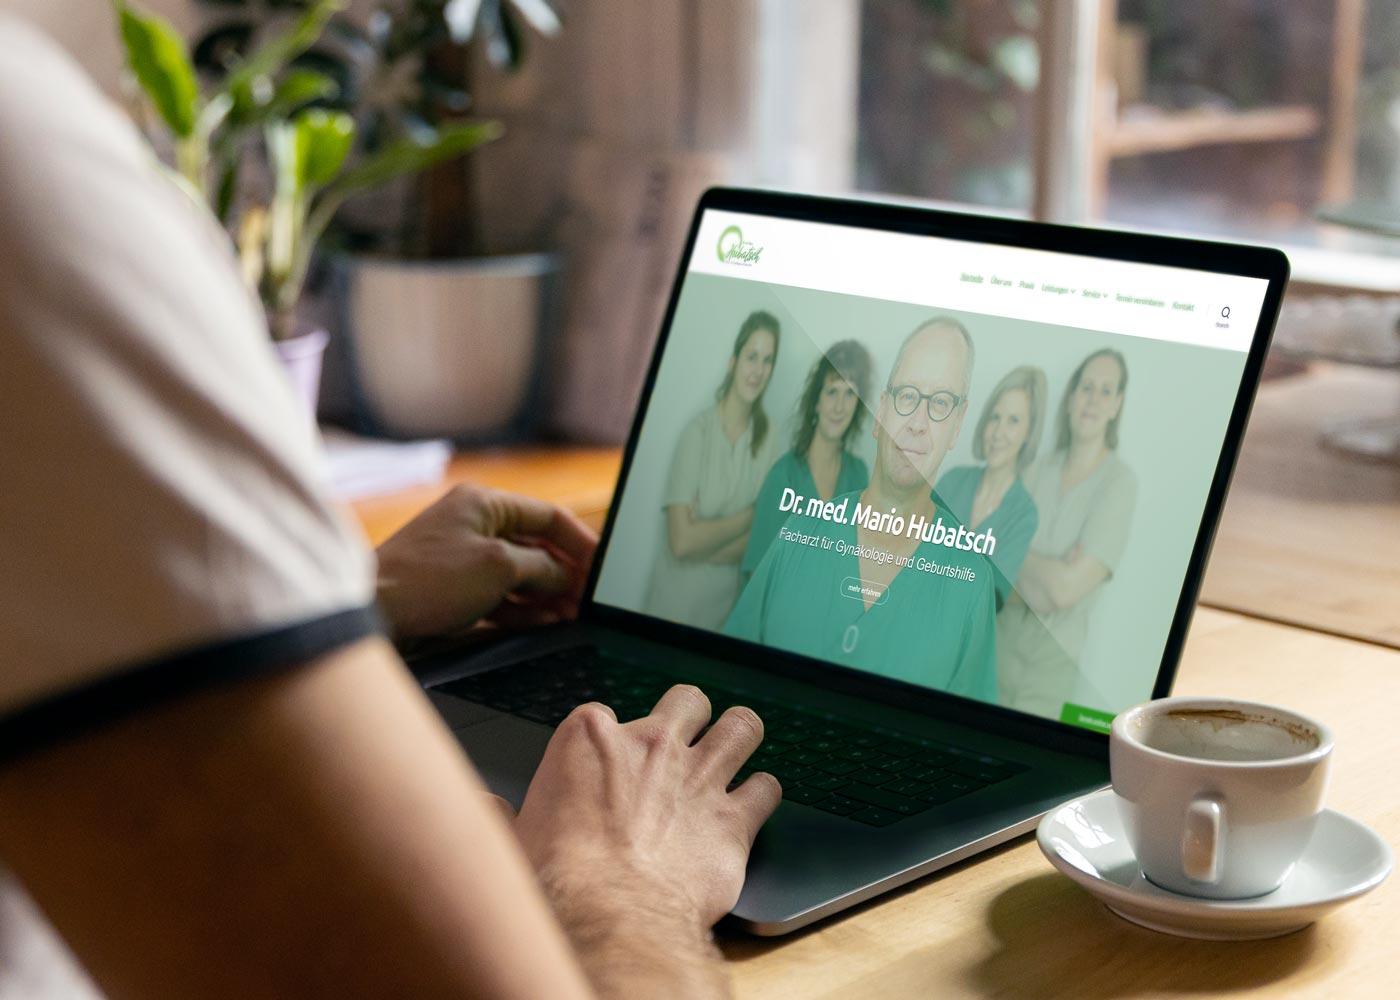 frauenarzt-hubatsch-internetseite-vorschau